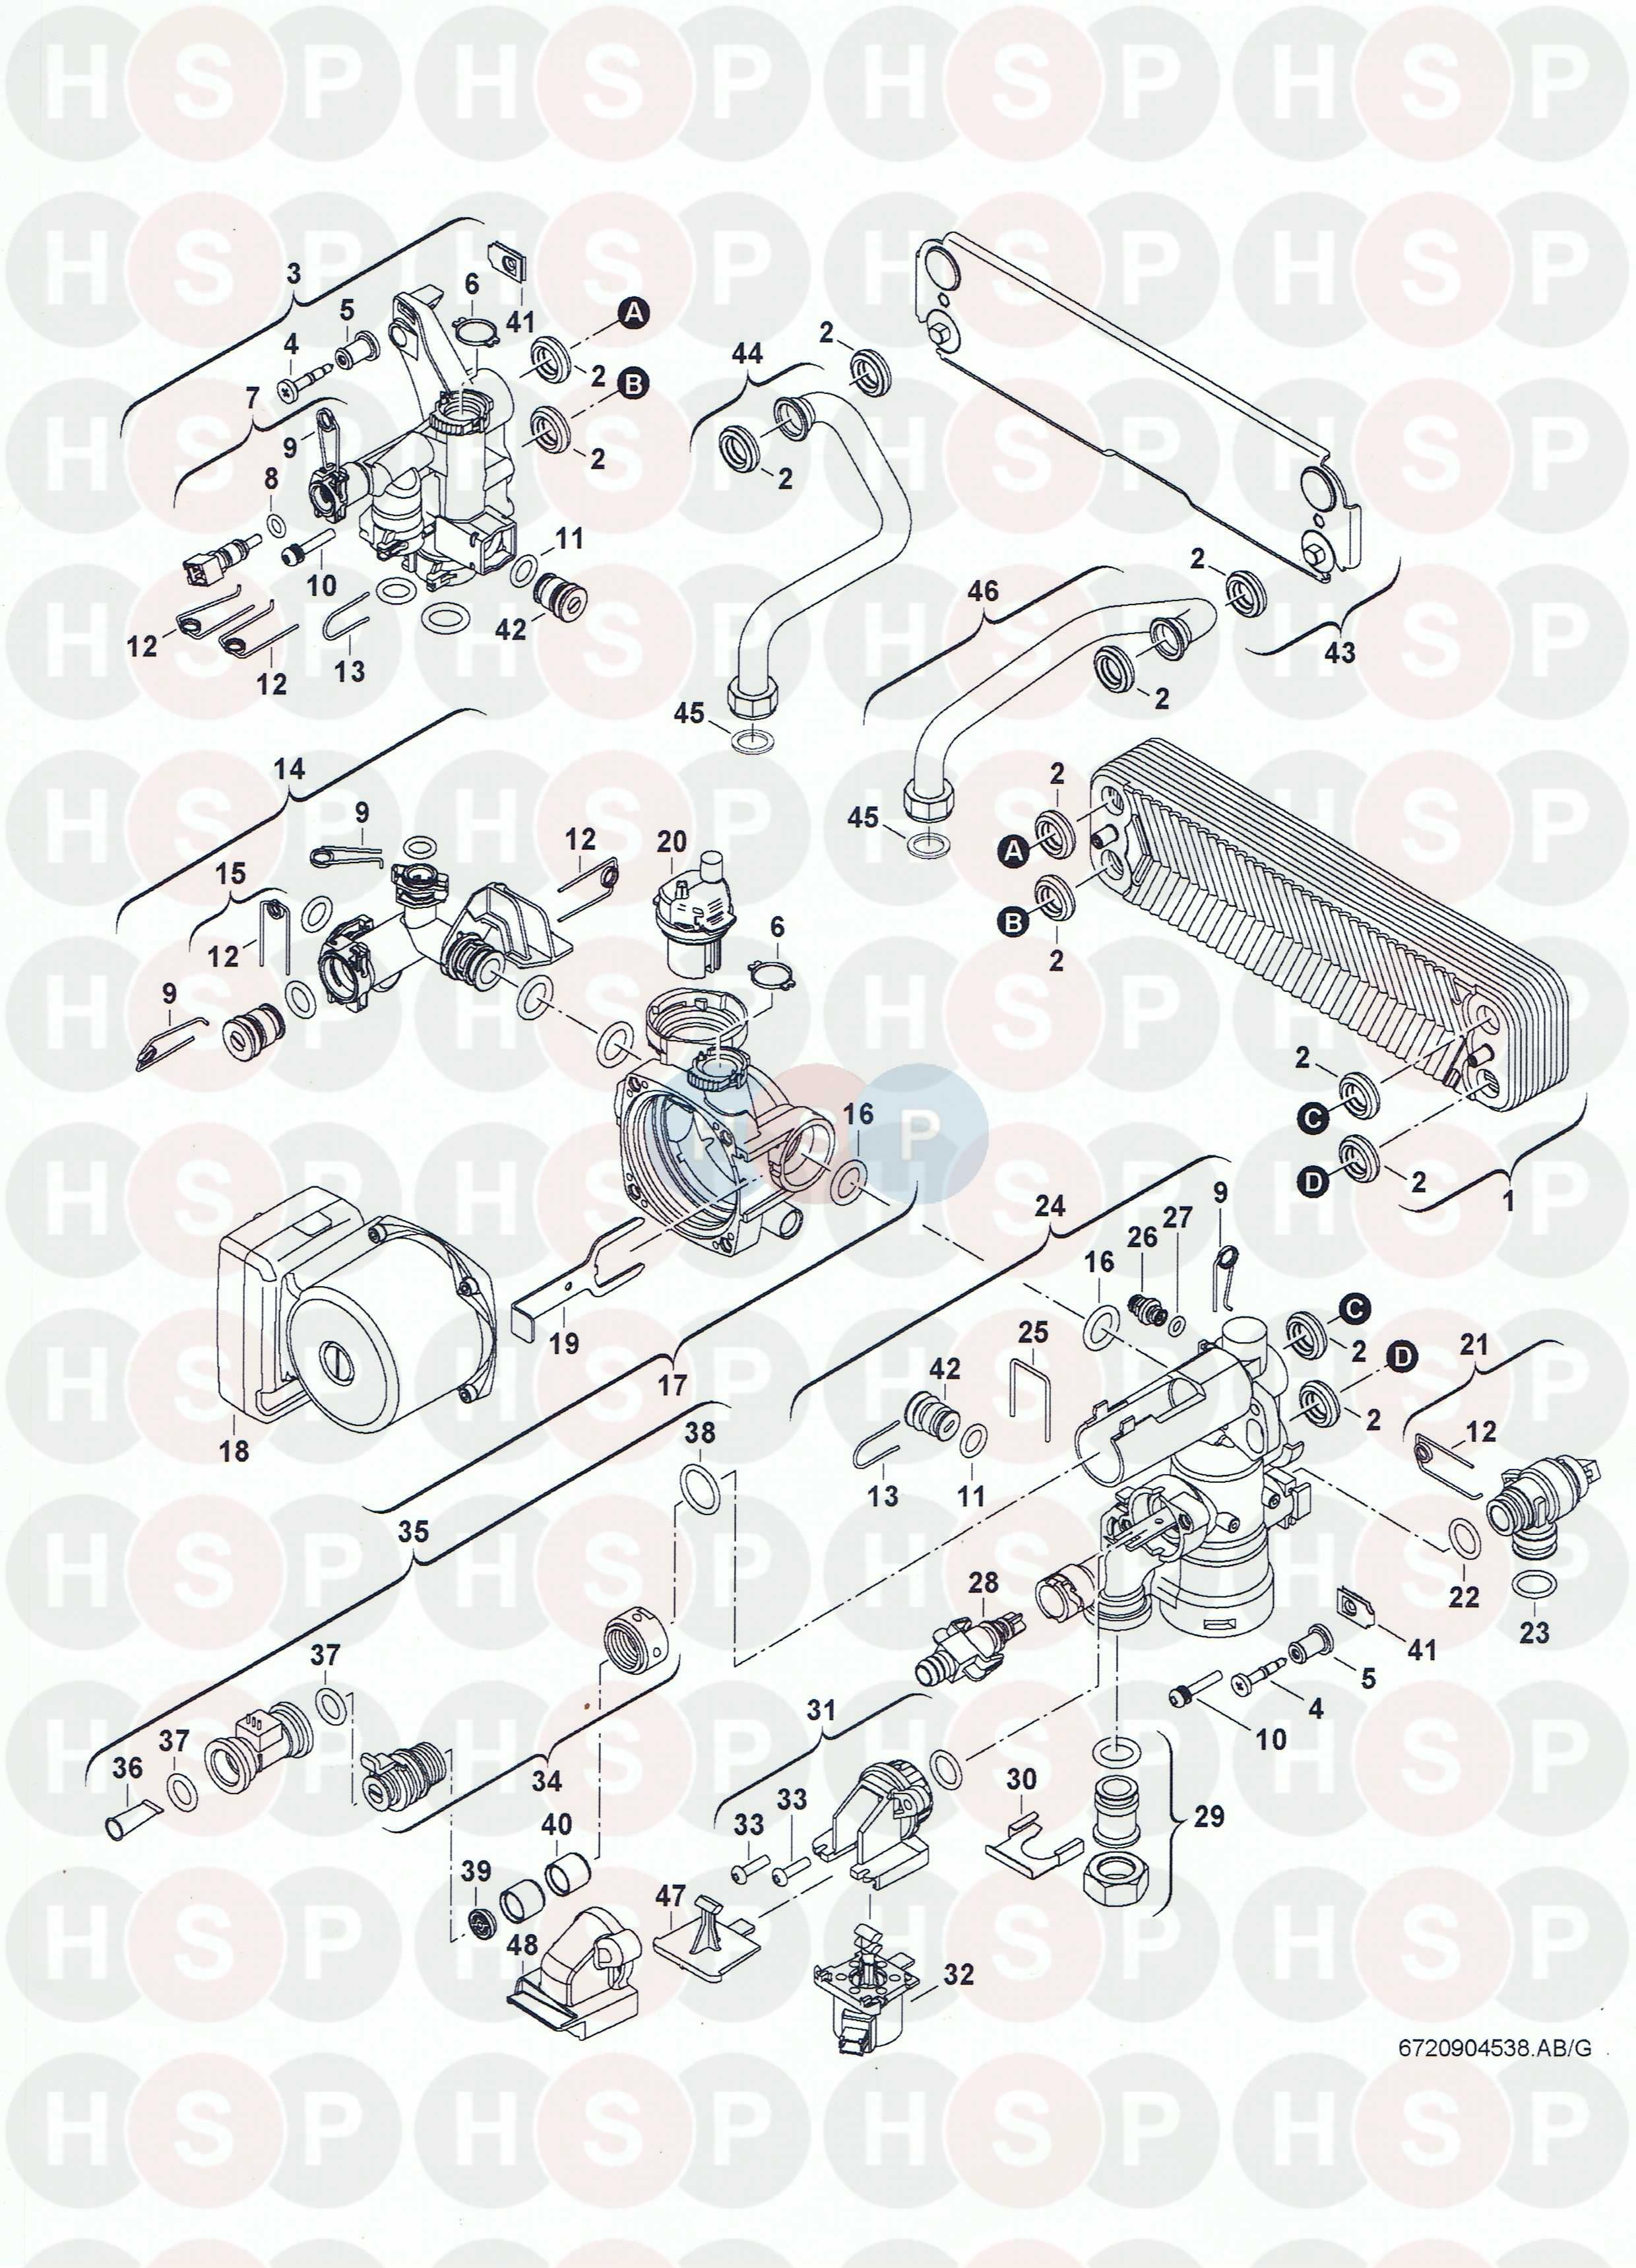 Worcester Greenstar 30CDI system (Hydraulics) Diagram